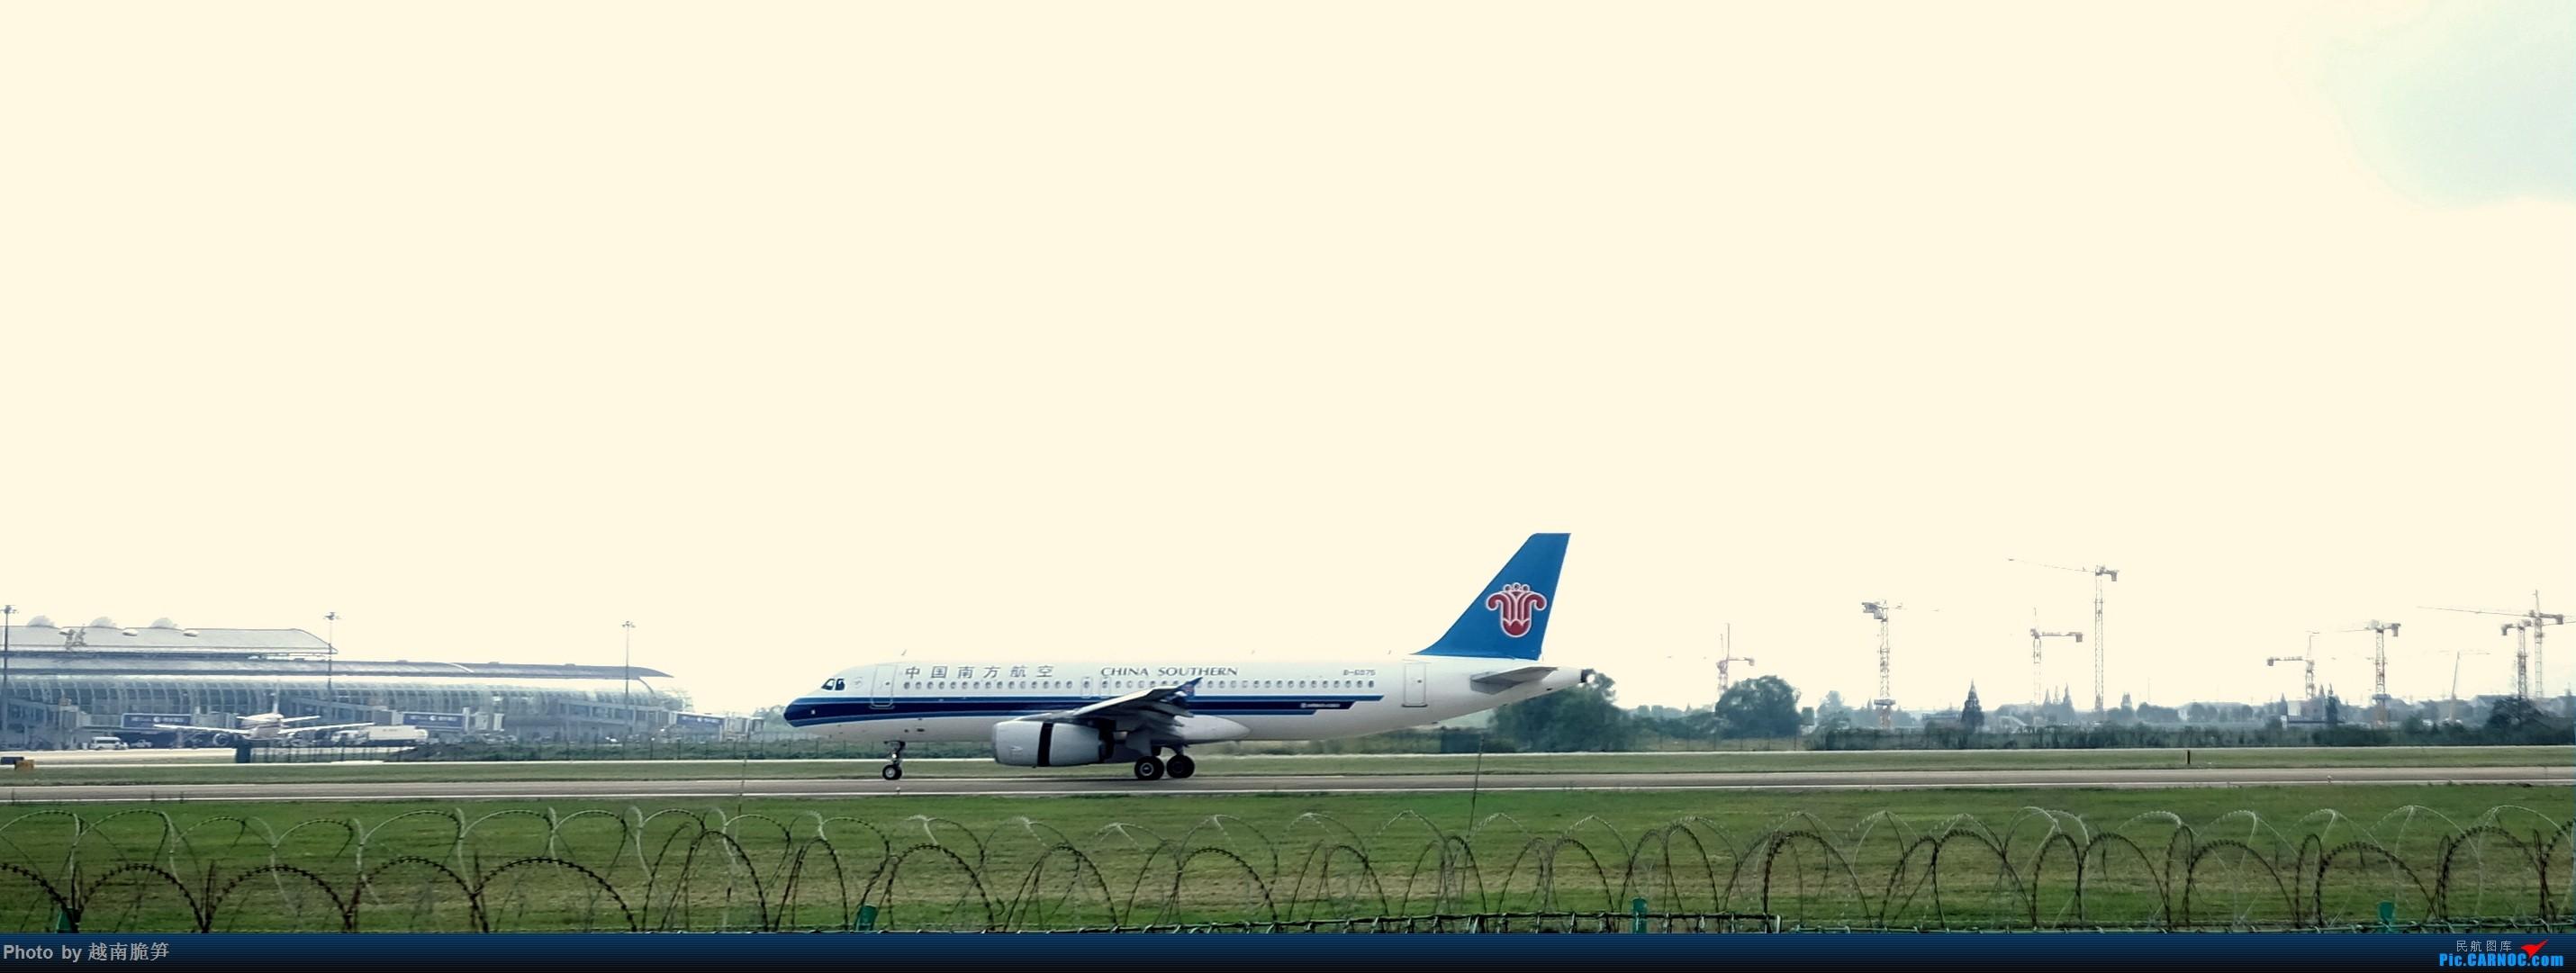 Re:[原创]【NGB】宁波机场747以及日常(不定期更新) AIRBUS A320-200